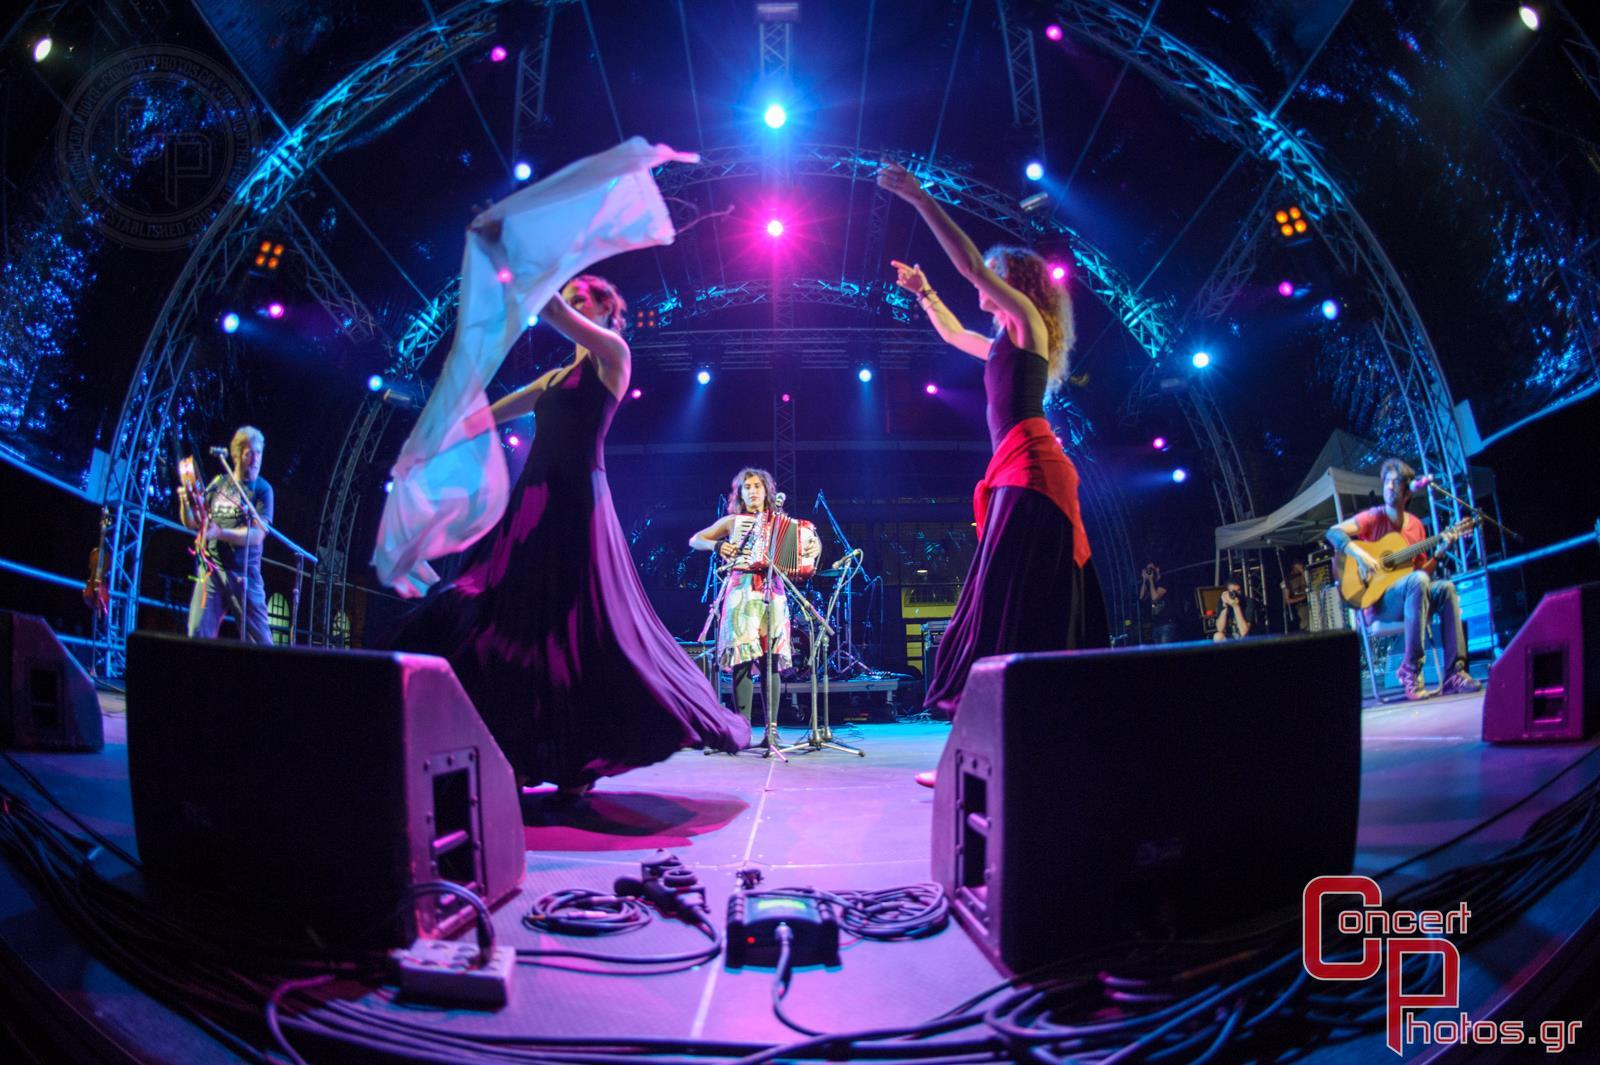 Μία συναυλία για τη Σχεδία 2014-Sxedia 2014 photographer:  - concertphotos_20140526_21_50_29